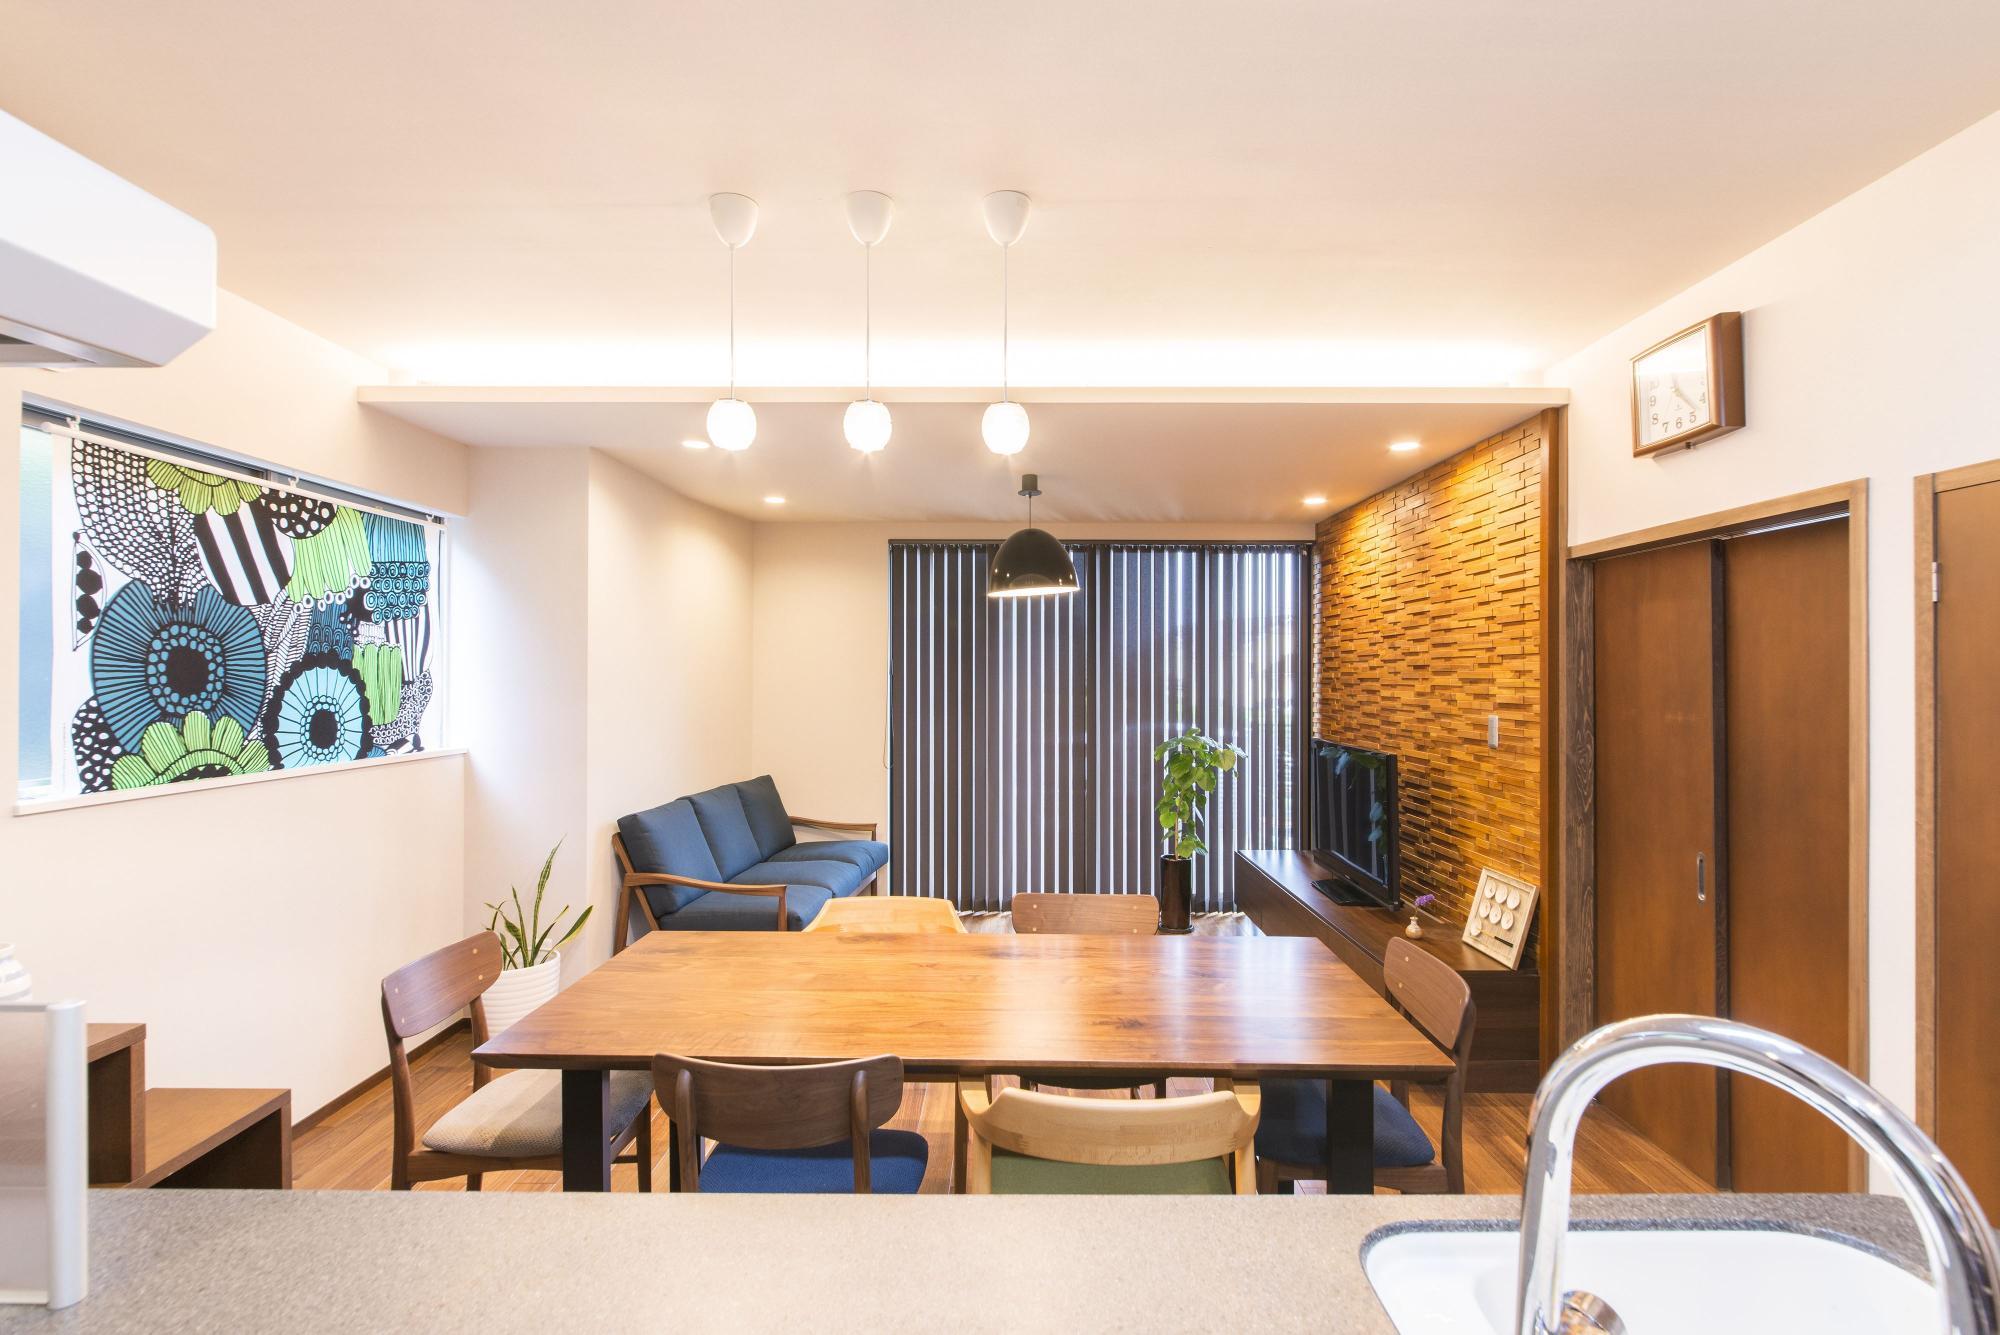 一部下がり天井にして間接照明を設置したリビング。TV背面の壁にはウッドタイルを張り、木質感のある温かい空間を演出した。ダイニングから続く床は、床暖房対応のウォルナットフロアに。